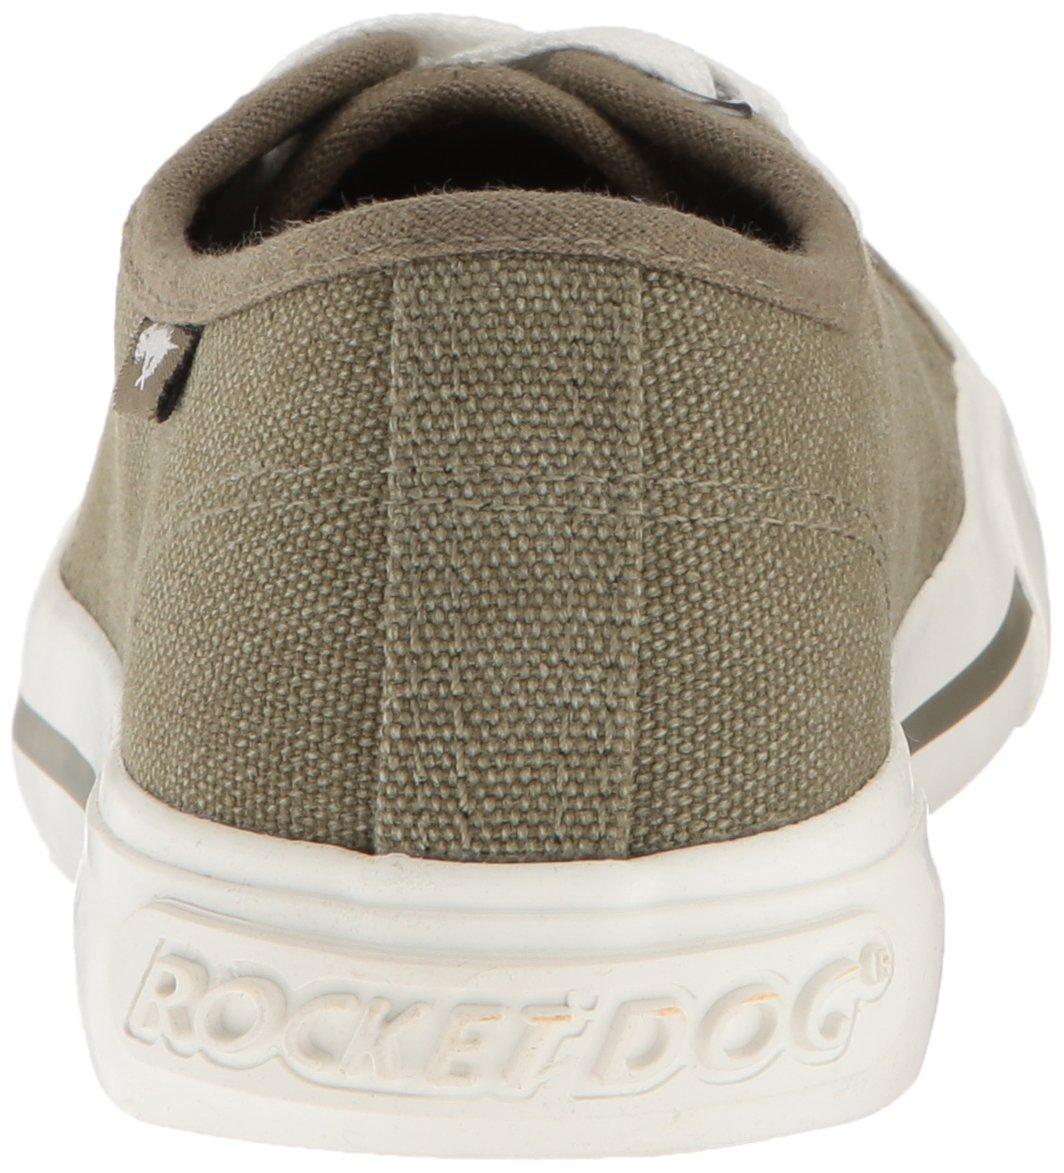 Rocket Dog Women's Women's Women's Jumpin Orchard Cotton Fashion S - Choose SZ color a17d60